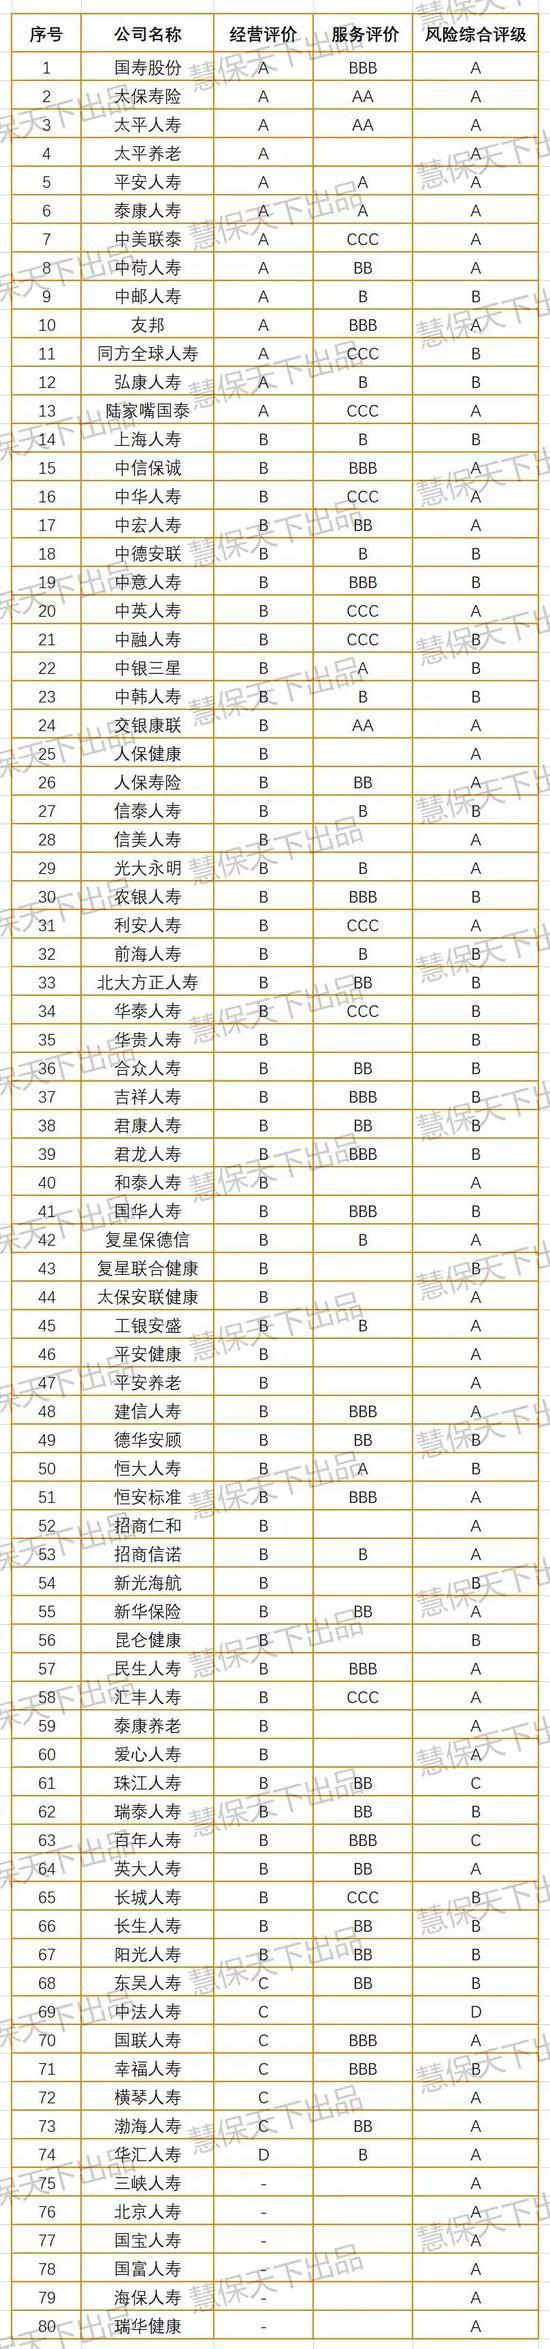 88备用网址,东方基金王晓伟管理产品亏41%排名垫底 新年伊始离任